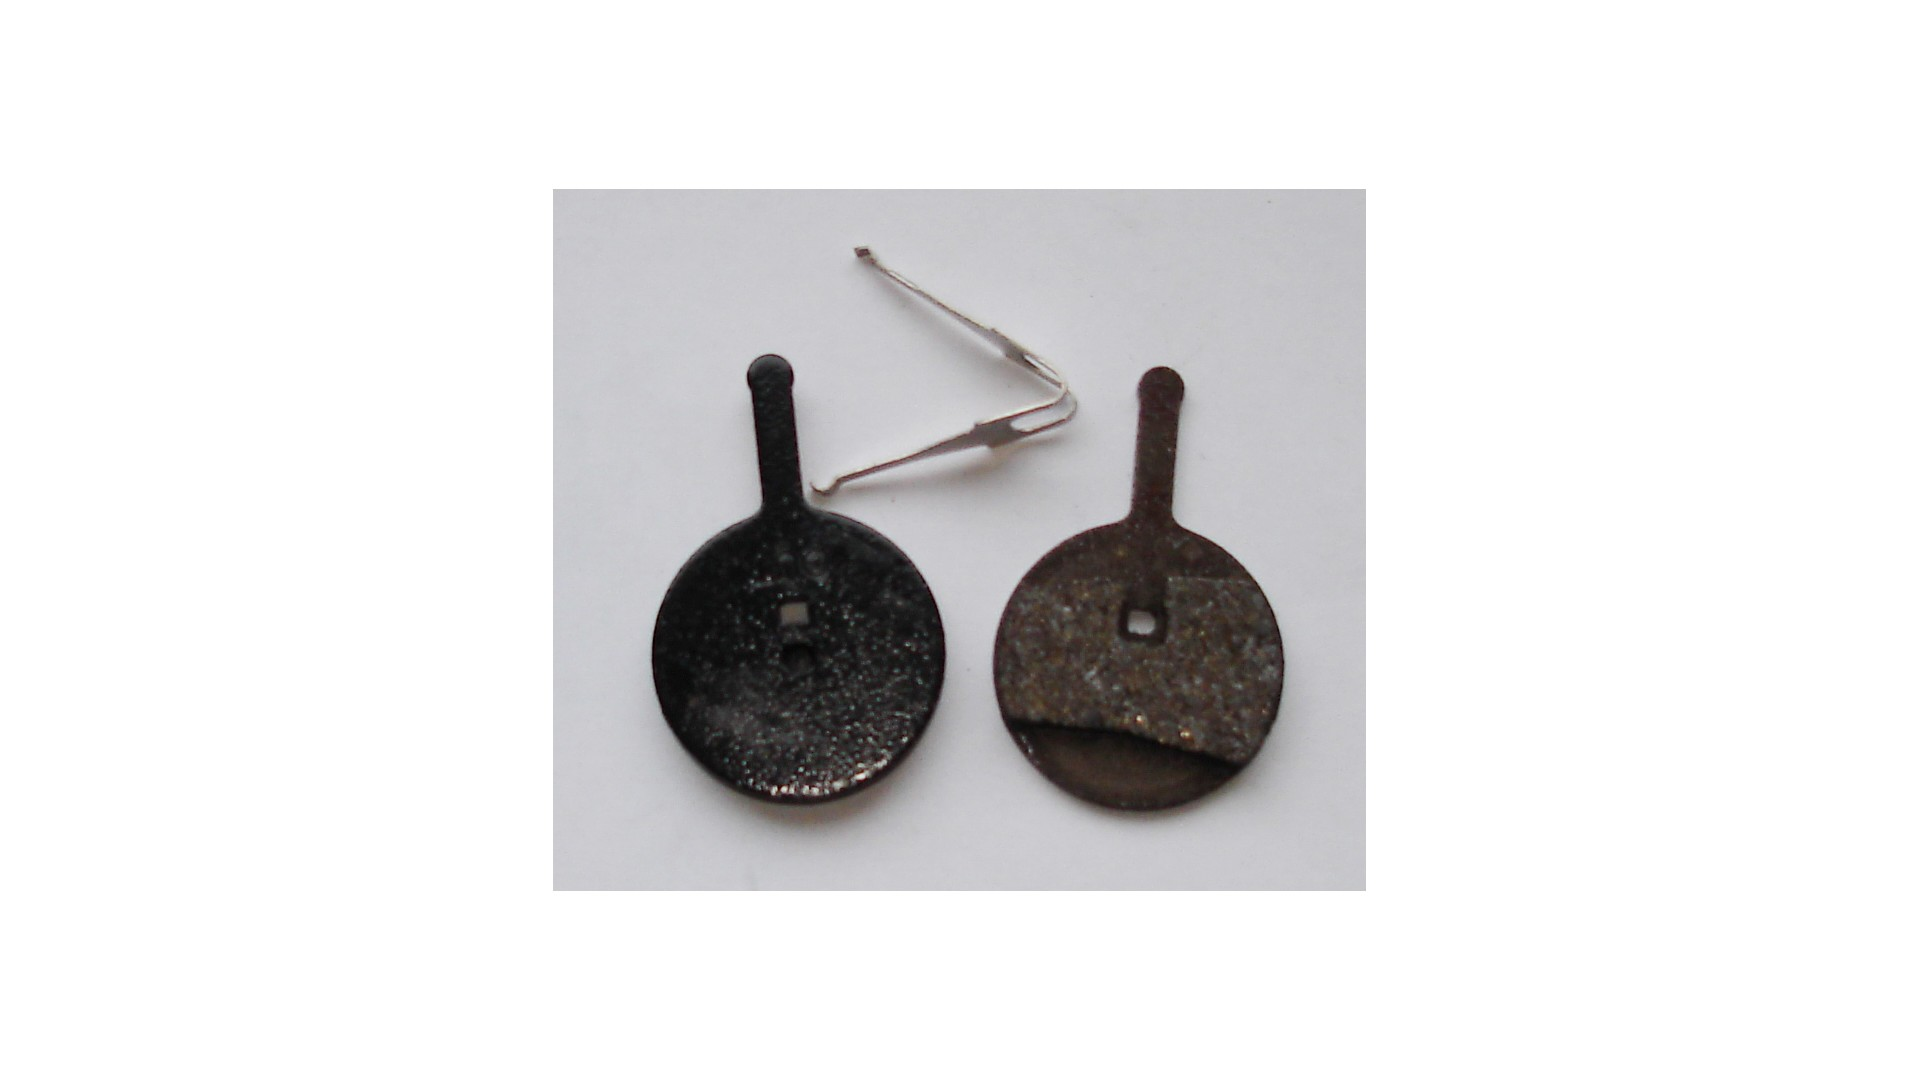 Тормозные колодки Sheng-An BP-015 Avid BB5 для дисковых тормозов